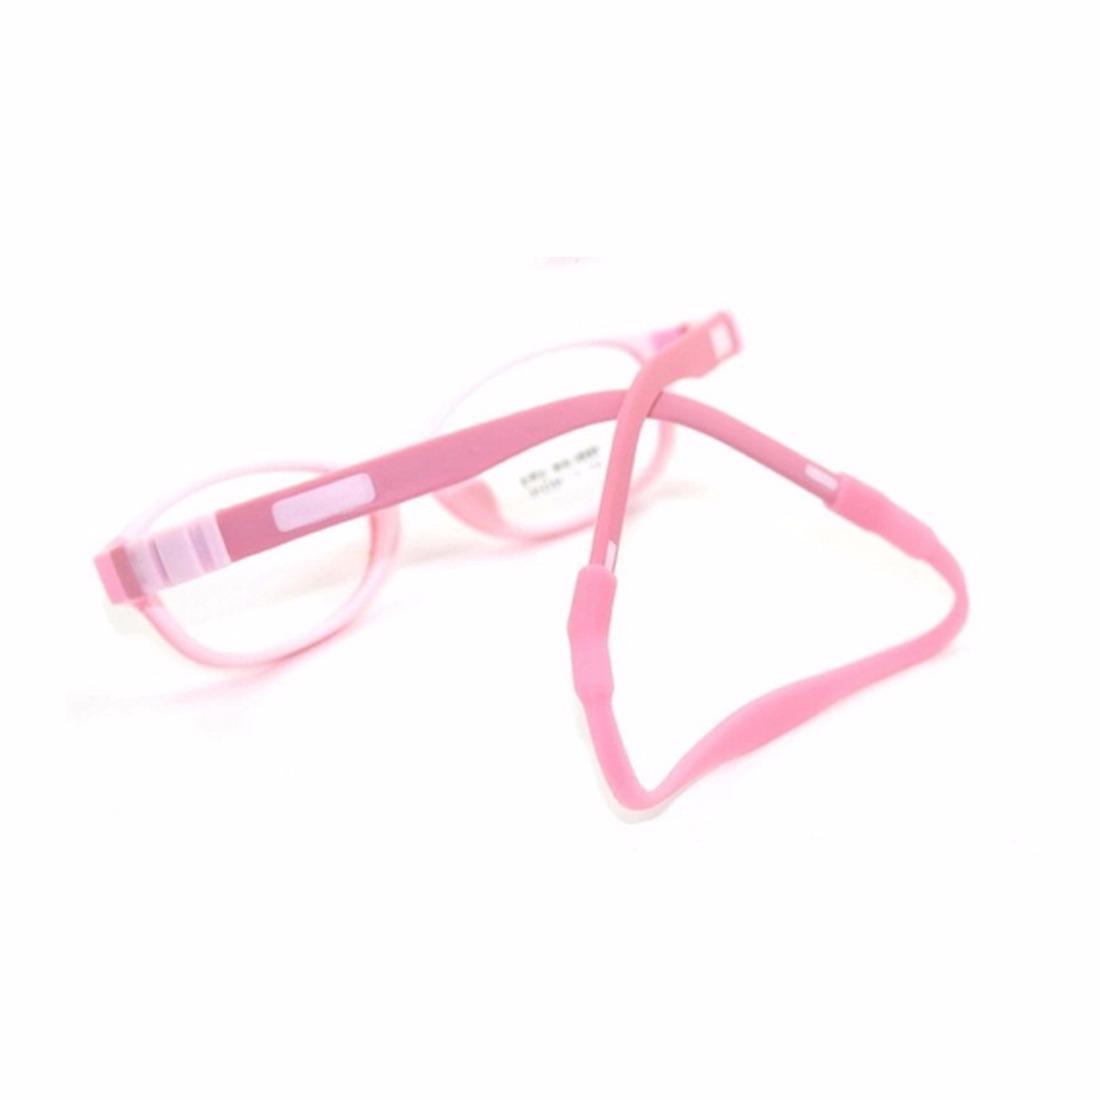 Cordão Em Silicone Para Óculos E Armações Criança Flexível - R  14 ... f71c98dd52